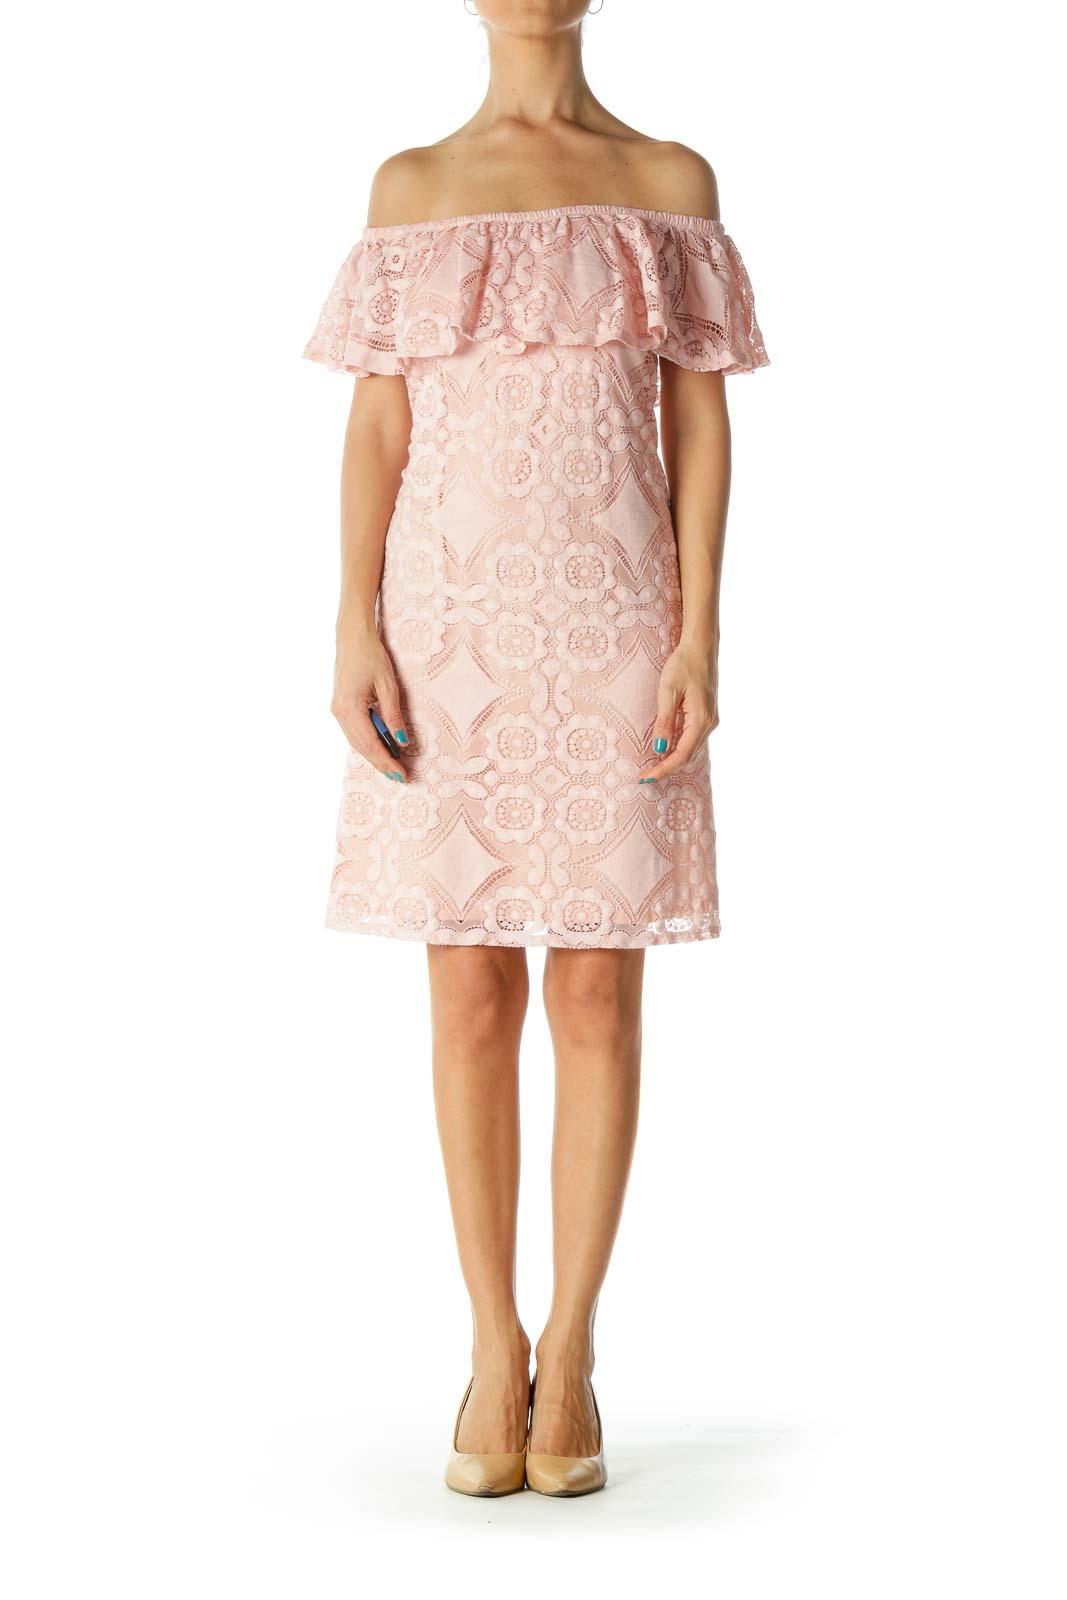 Pink Off-Shoulder Lace Dress